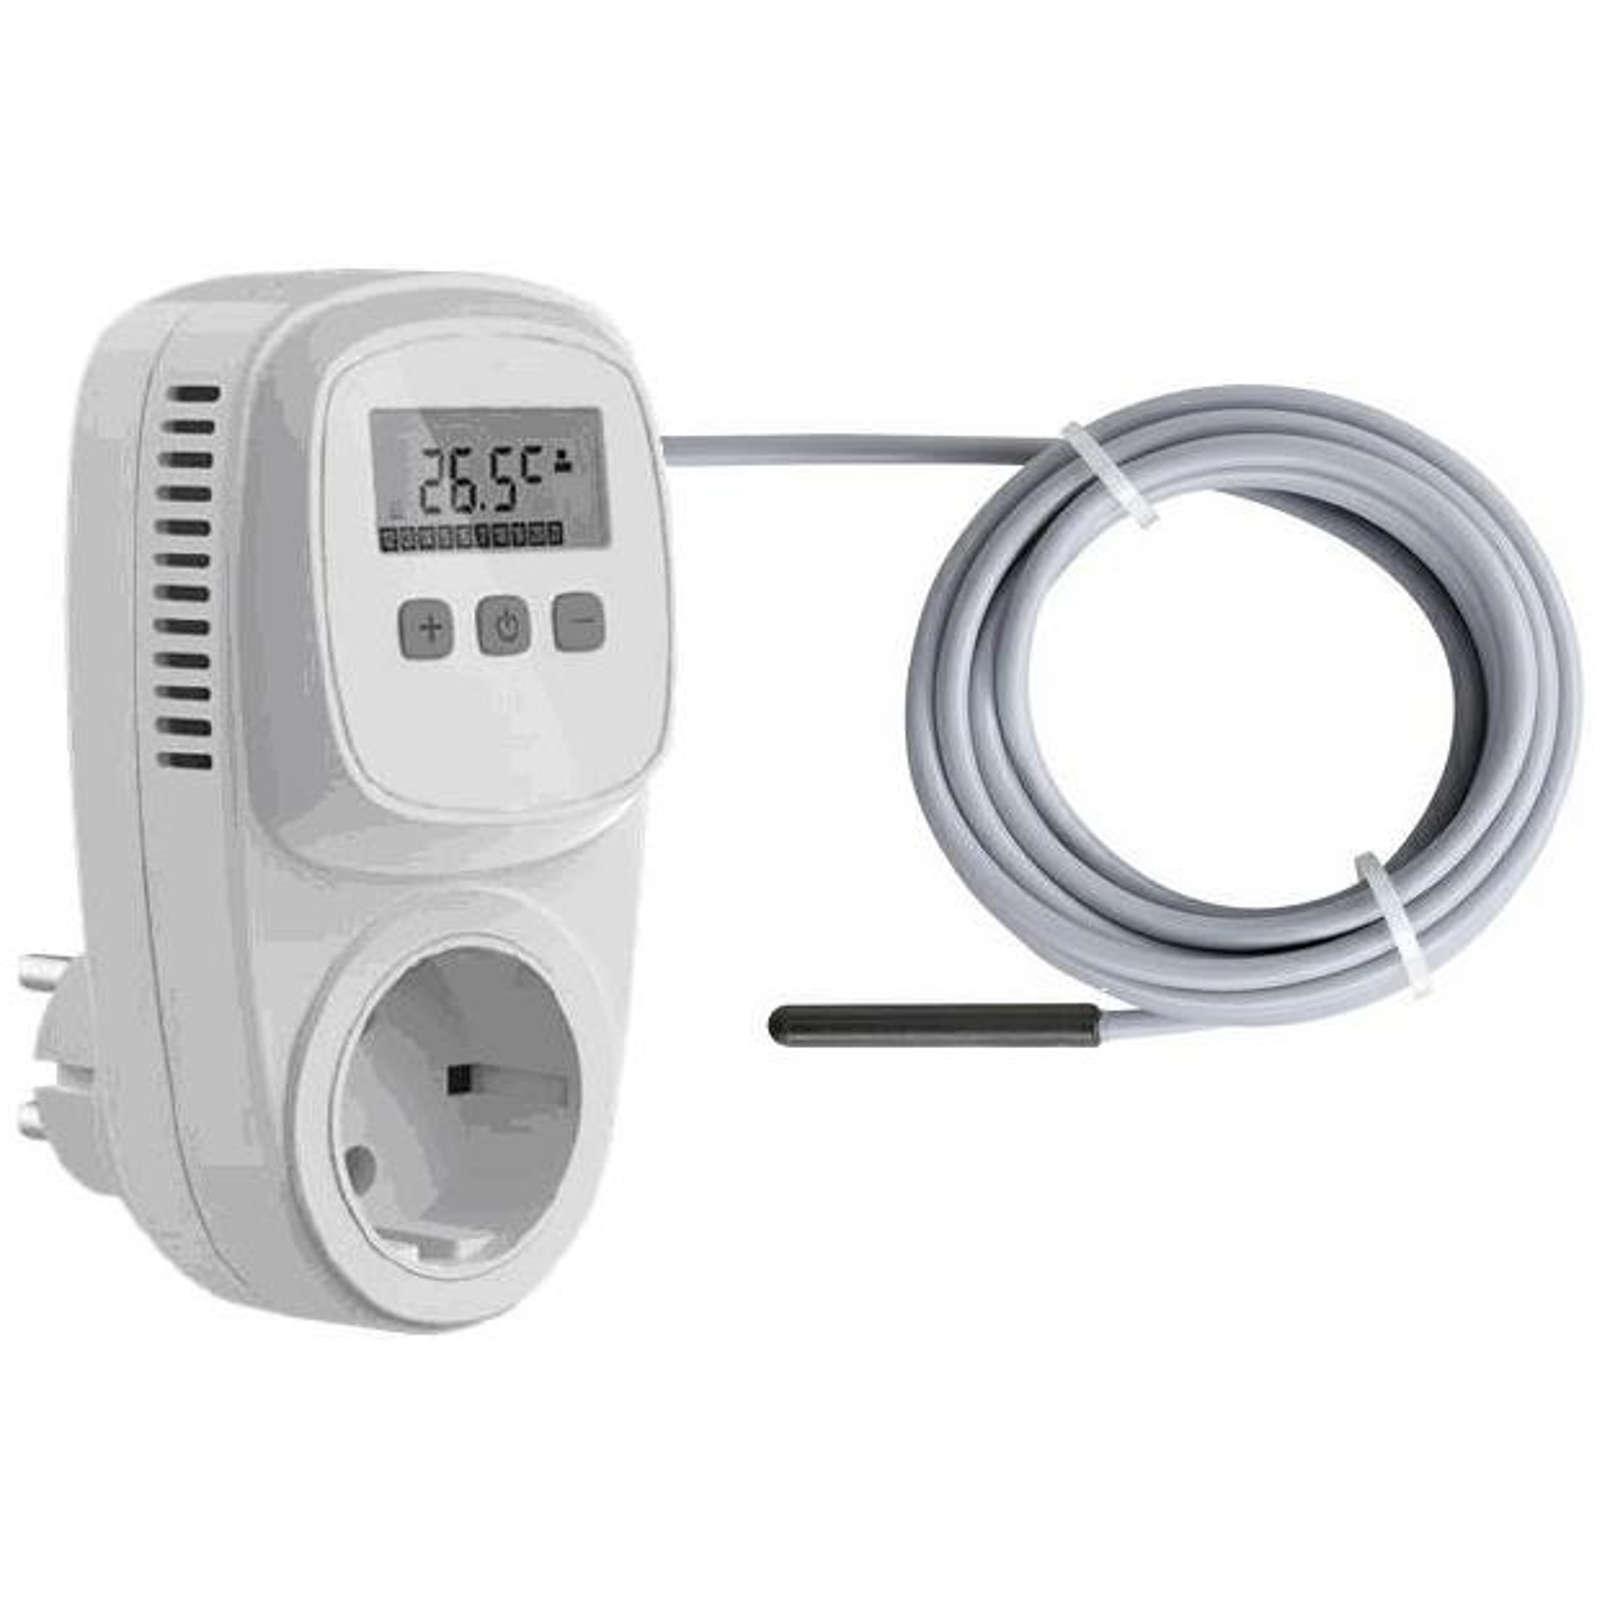 Universalthermostat Zwischenstecker Steckdosen Thermostat Heizen Kühlen Sensor